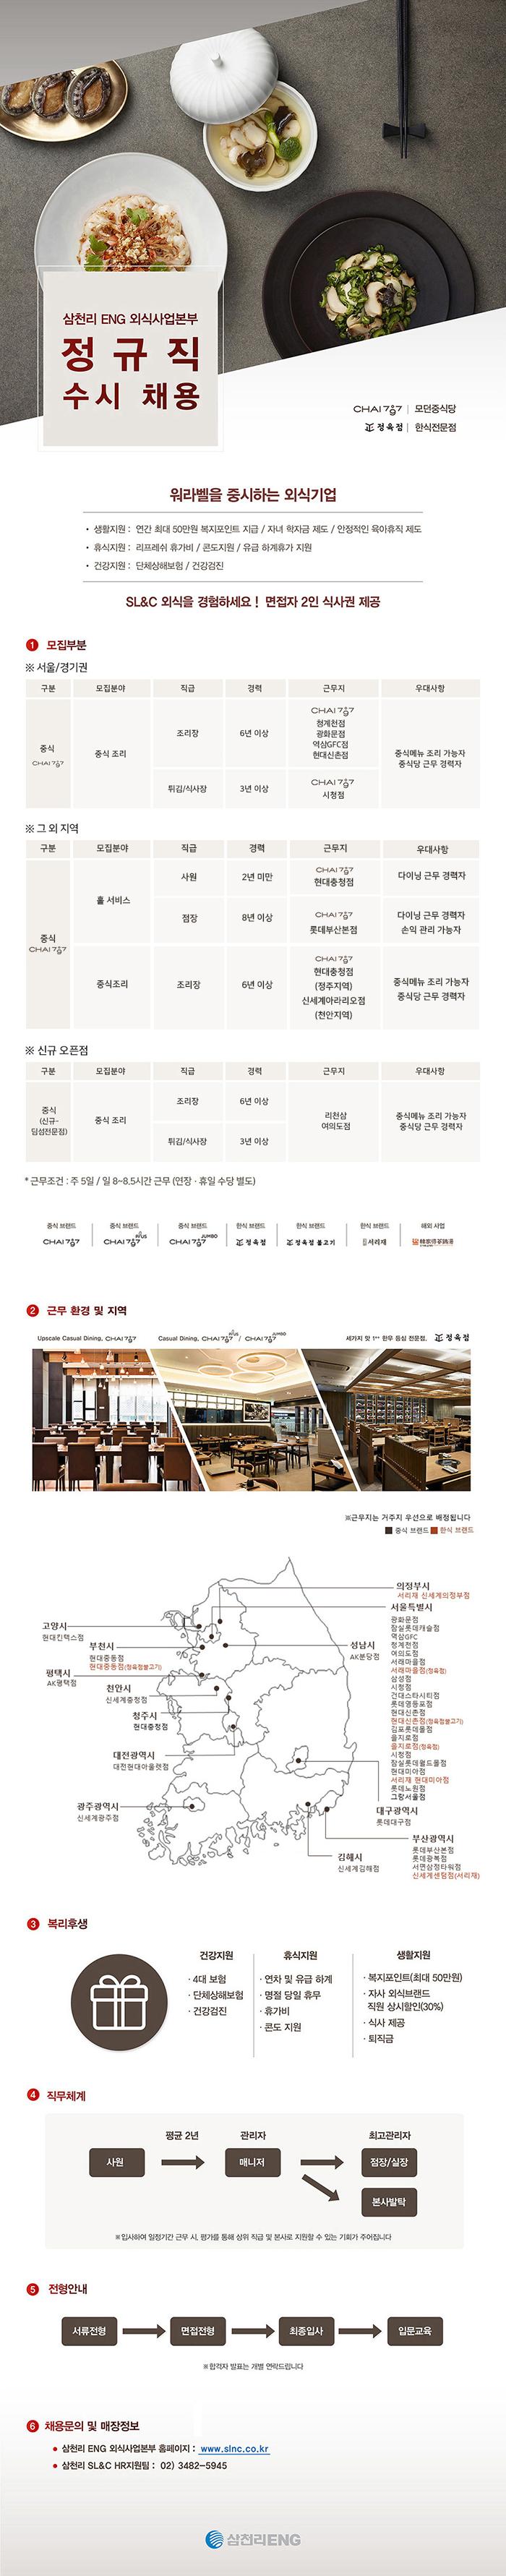 [삼천리그룹] 외식사업본부 정규직 채용